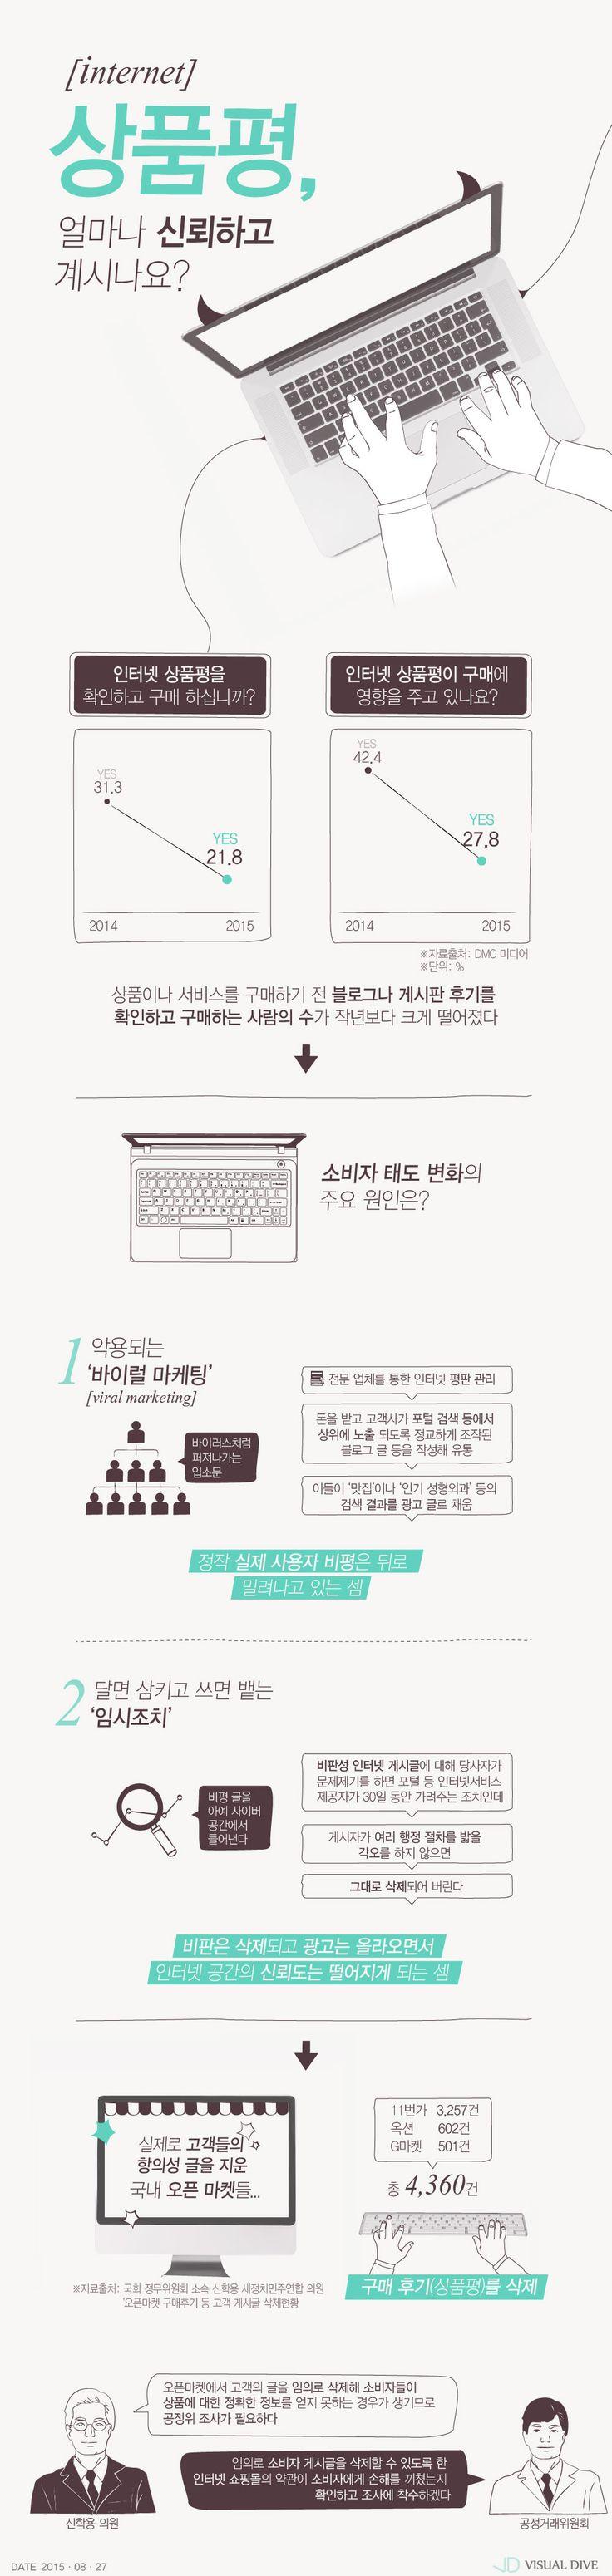 """""""인터넷 쇼핑 상품평 신뢰하세요?"""" [인포그래픽] #Shopping / #Infographic ⓒ 비주얼다이브 무단 복사·전재·재배포 금지"""